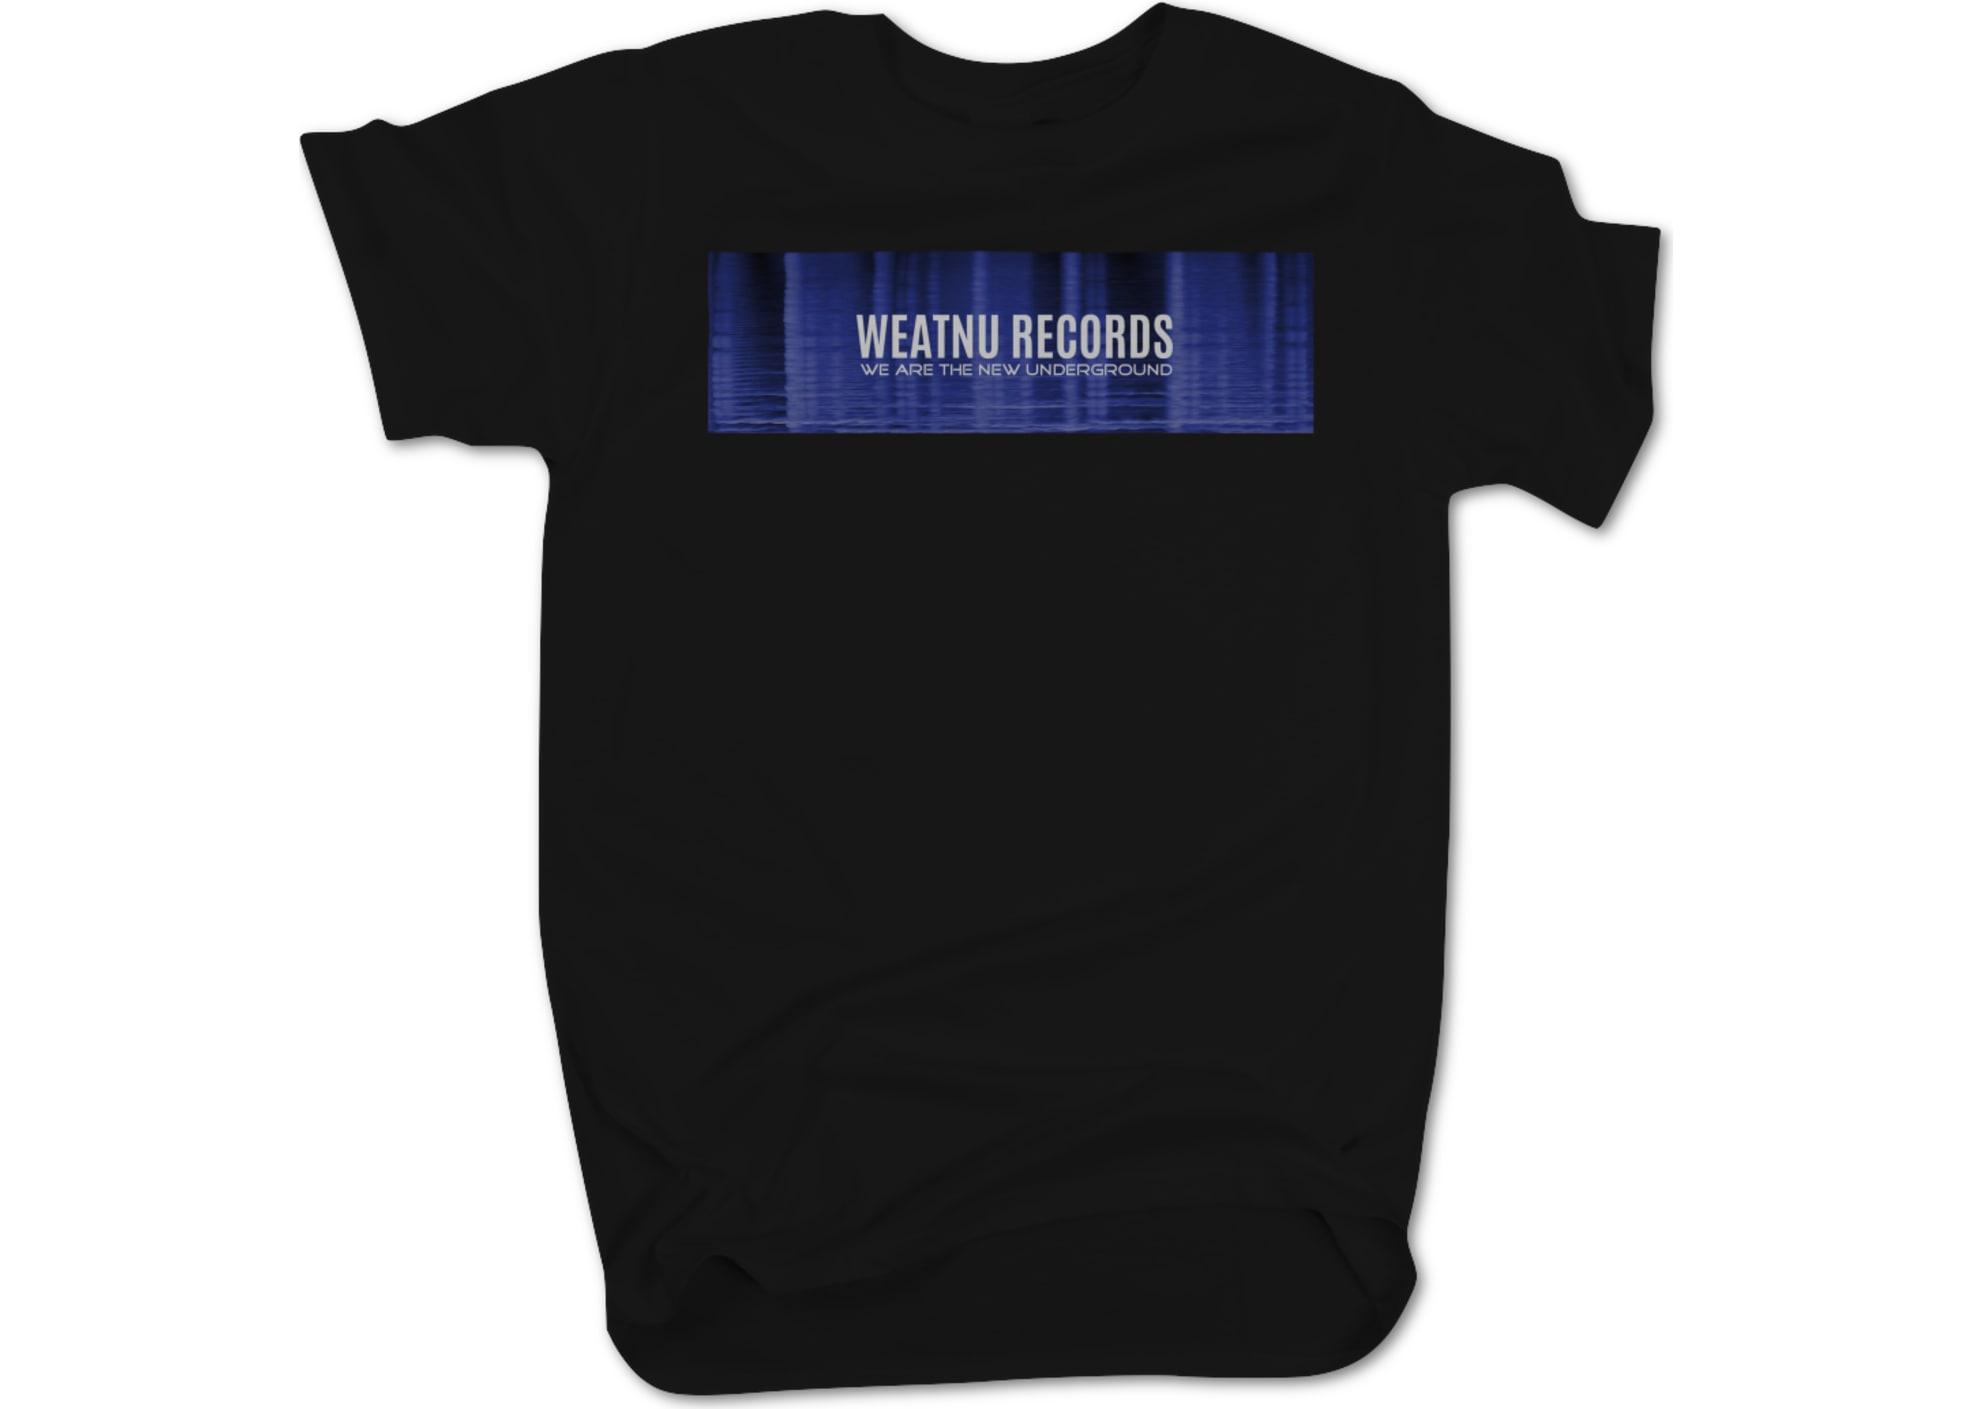 Weatnu records spectrum   2020  1567359796